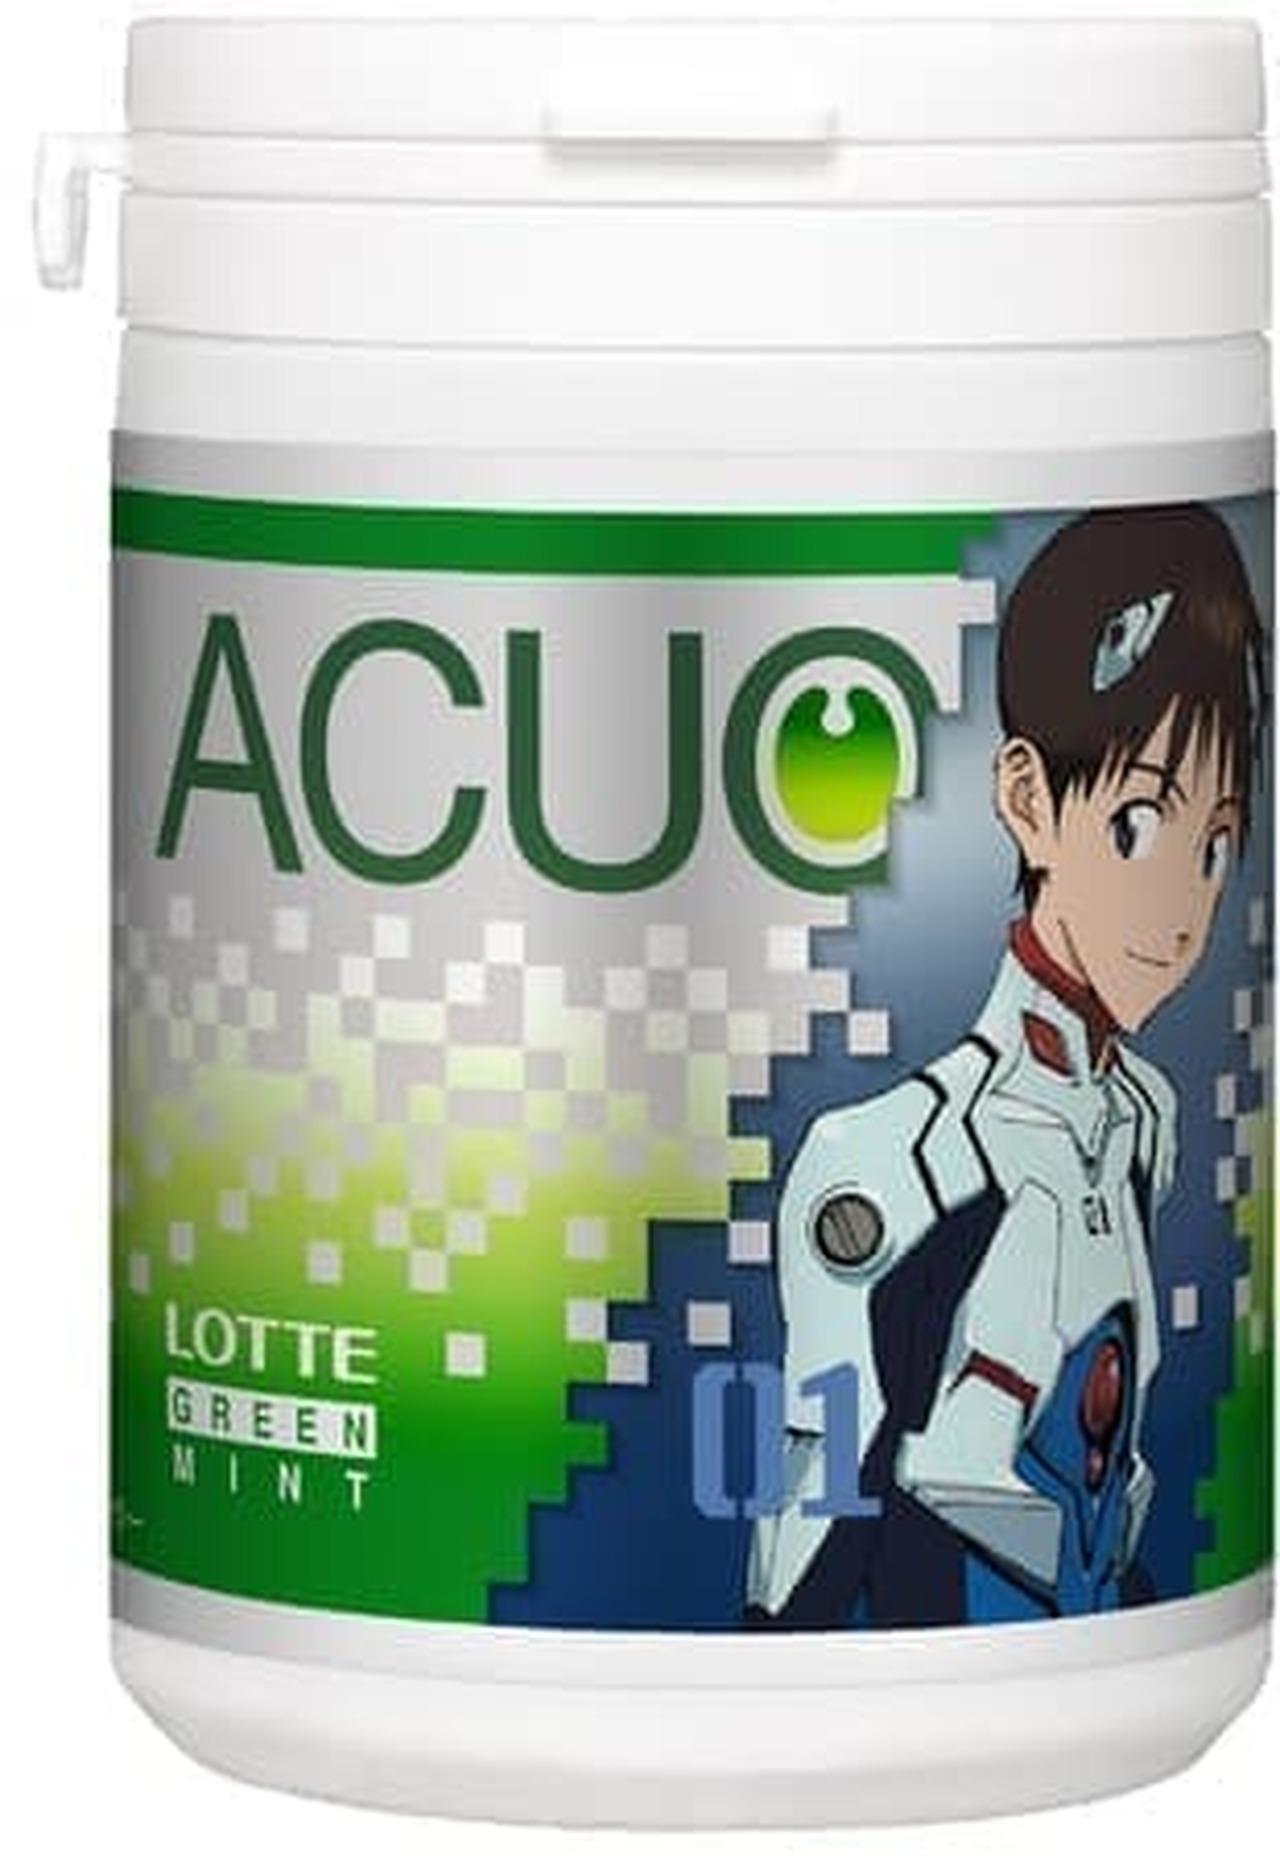 エヴァコラボ「ACUO<グリーンミント>スリムボトル」「ACUO<クリアブルーミント>スリムボトル」